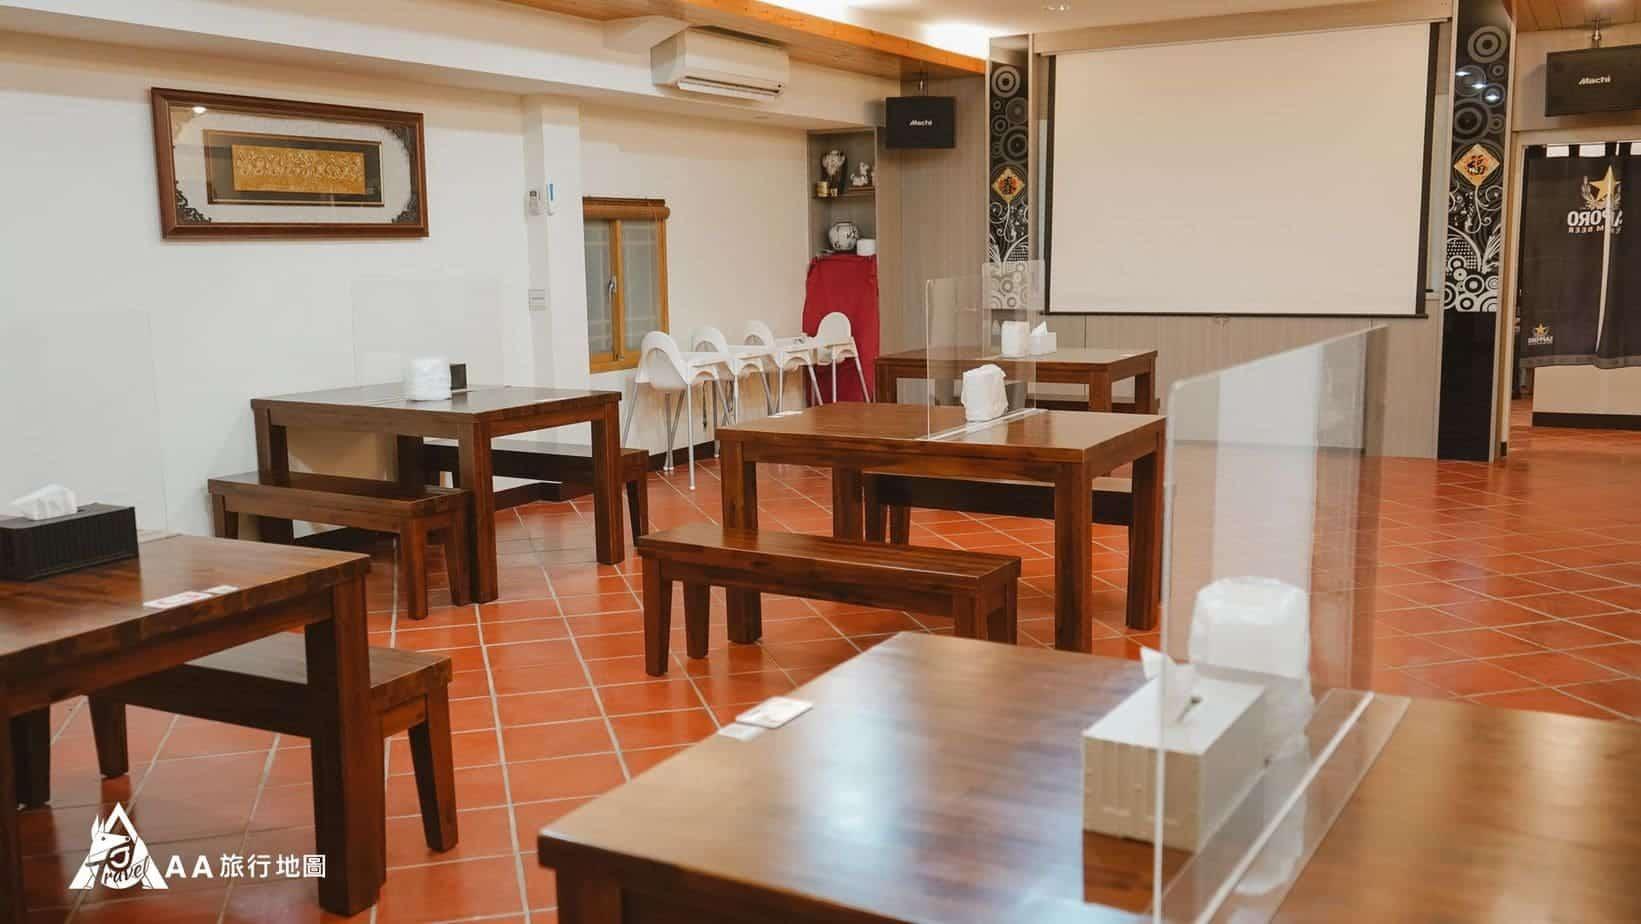 行荷居 也有專門提供商業簡報或開會使用的場地